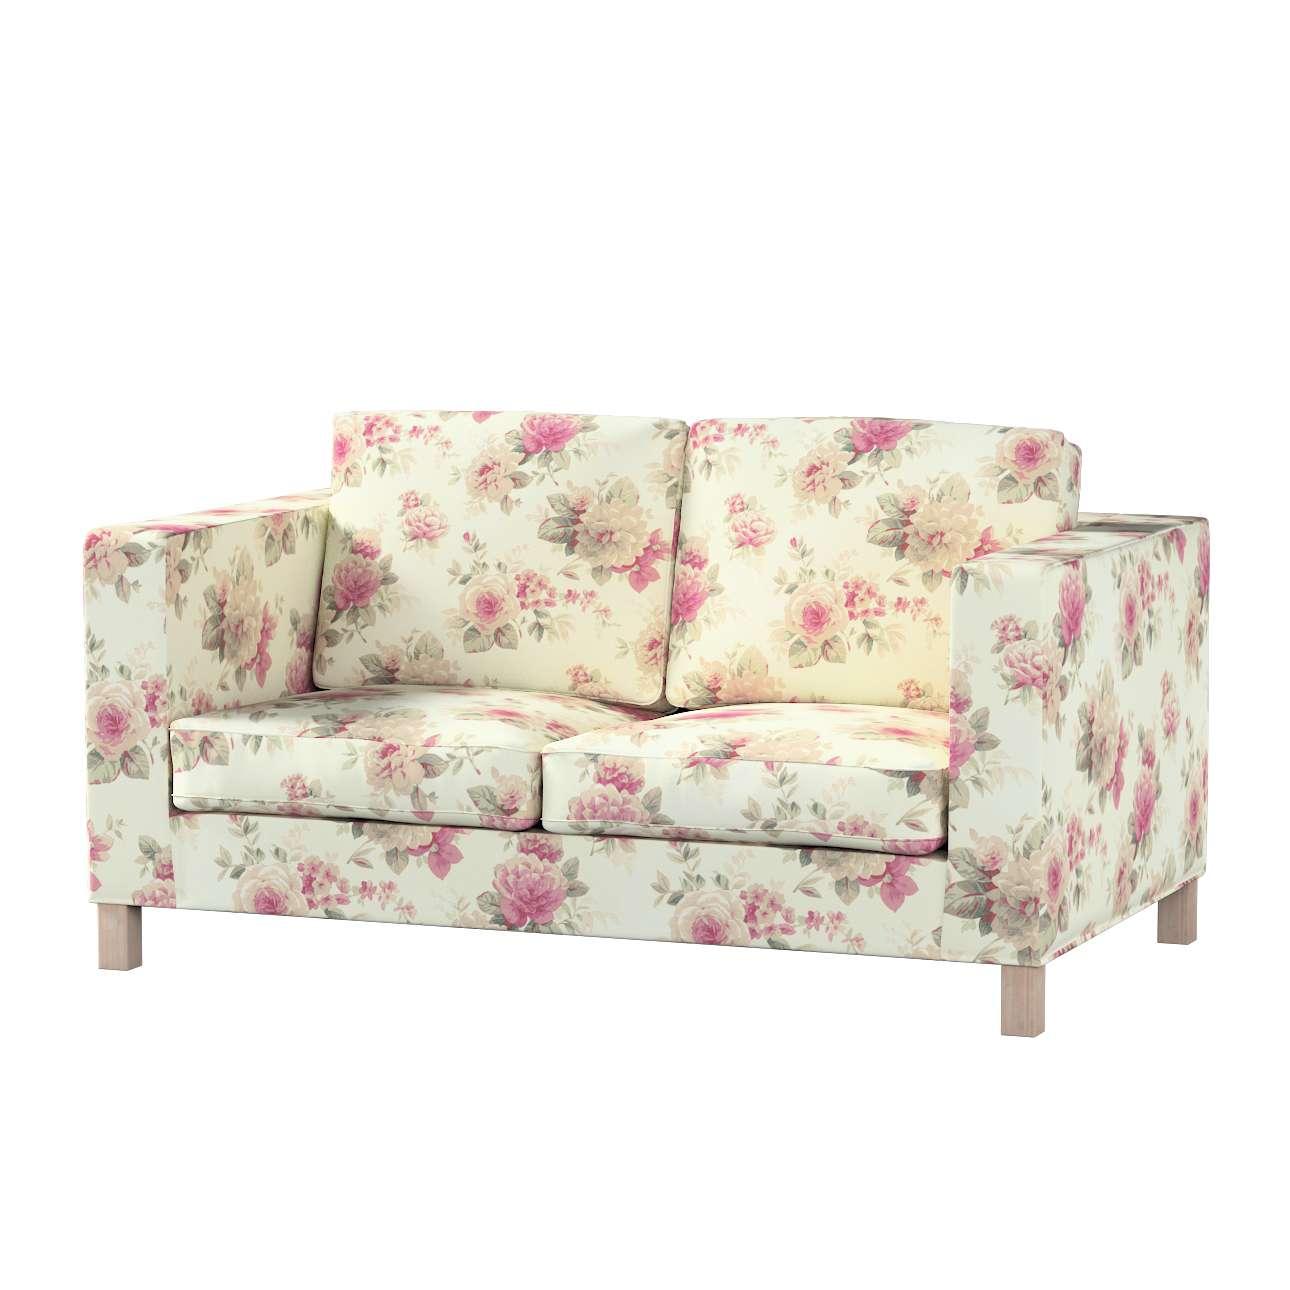 Pokrowiec na sofę Karlanda 2-osobową nierozkładaną, krótki w kolekcji Londres, tkanina: 141-07